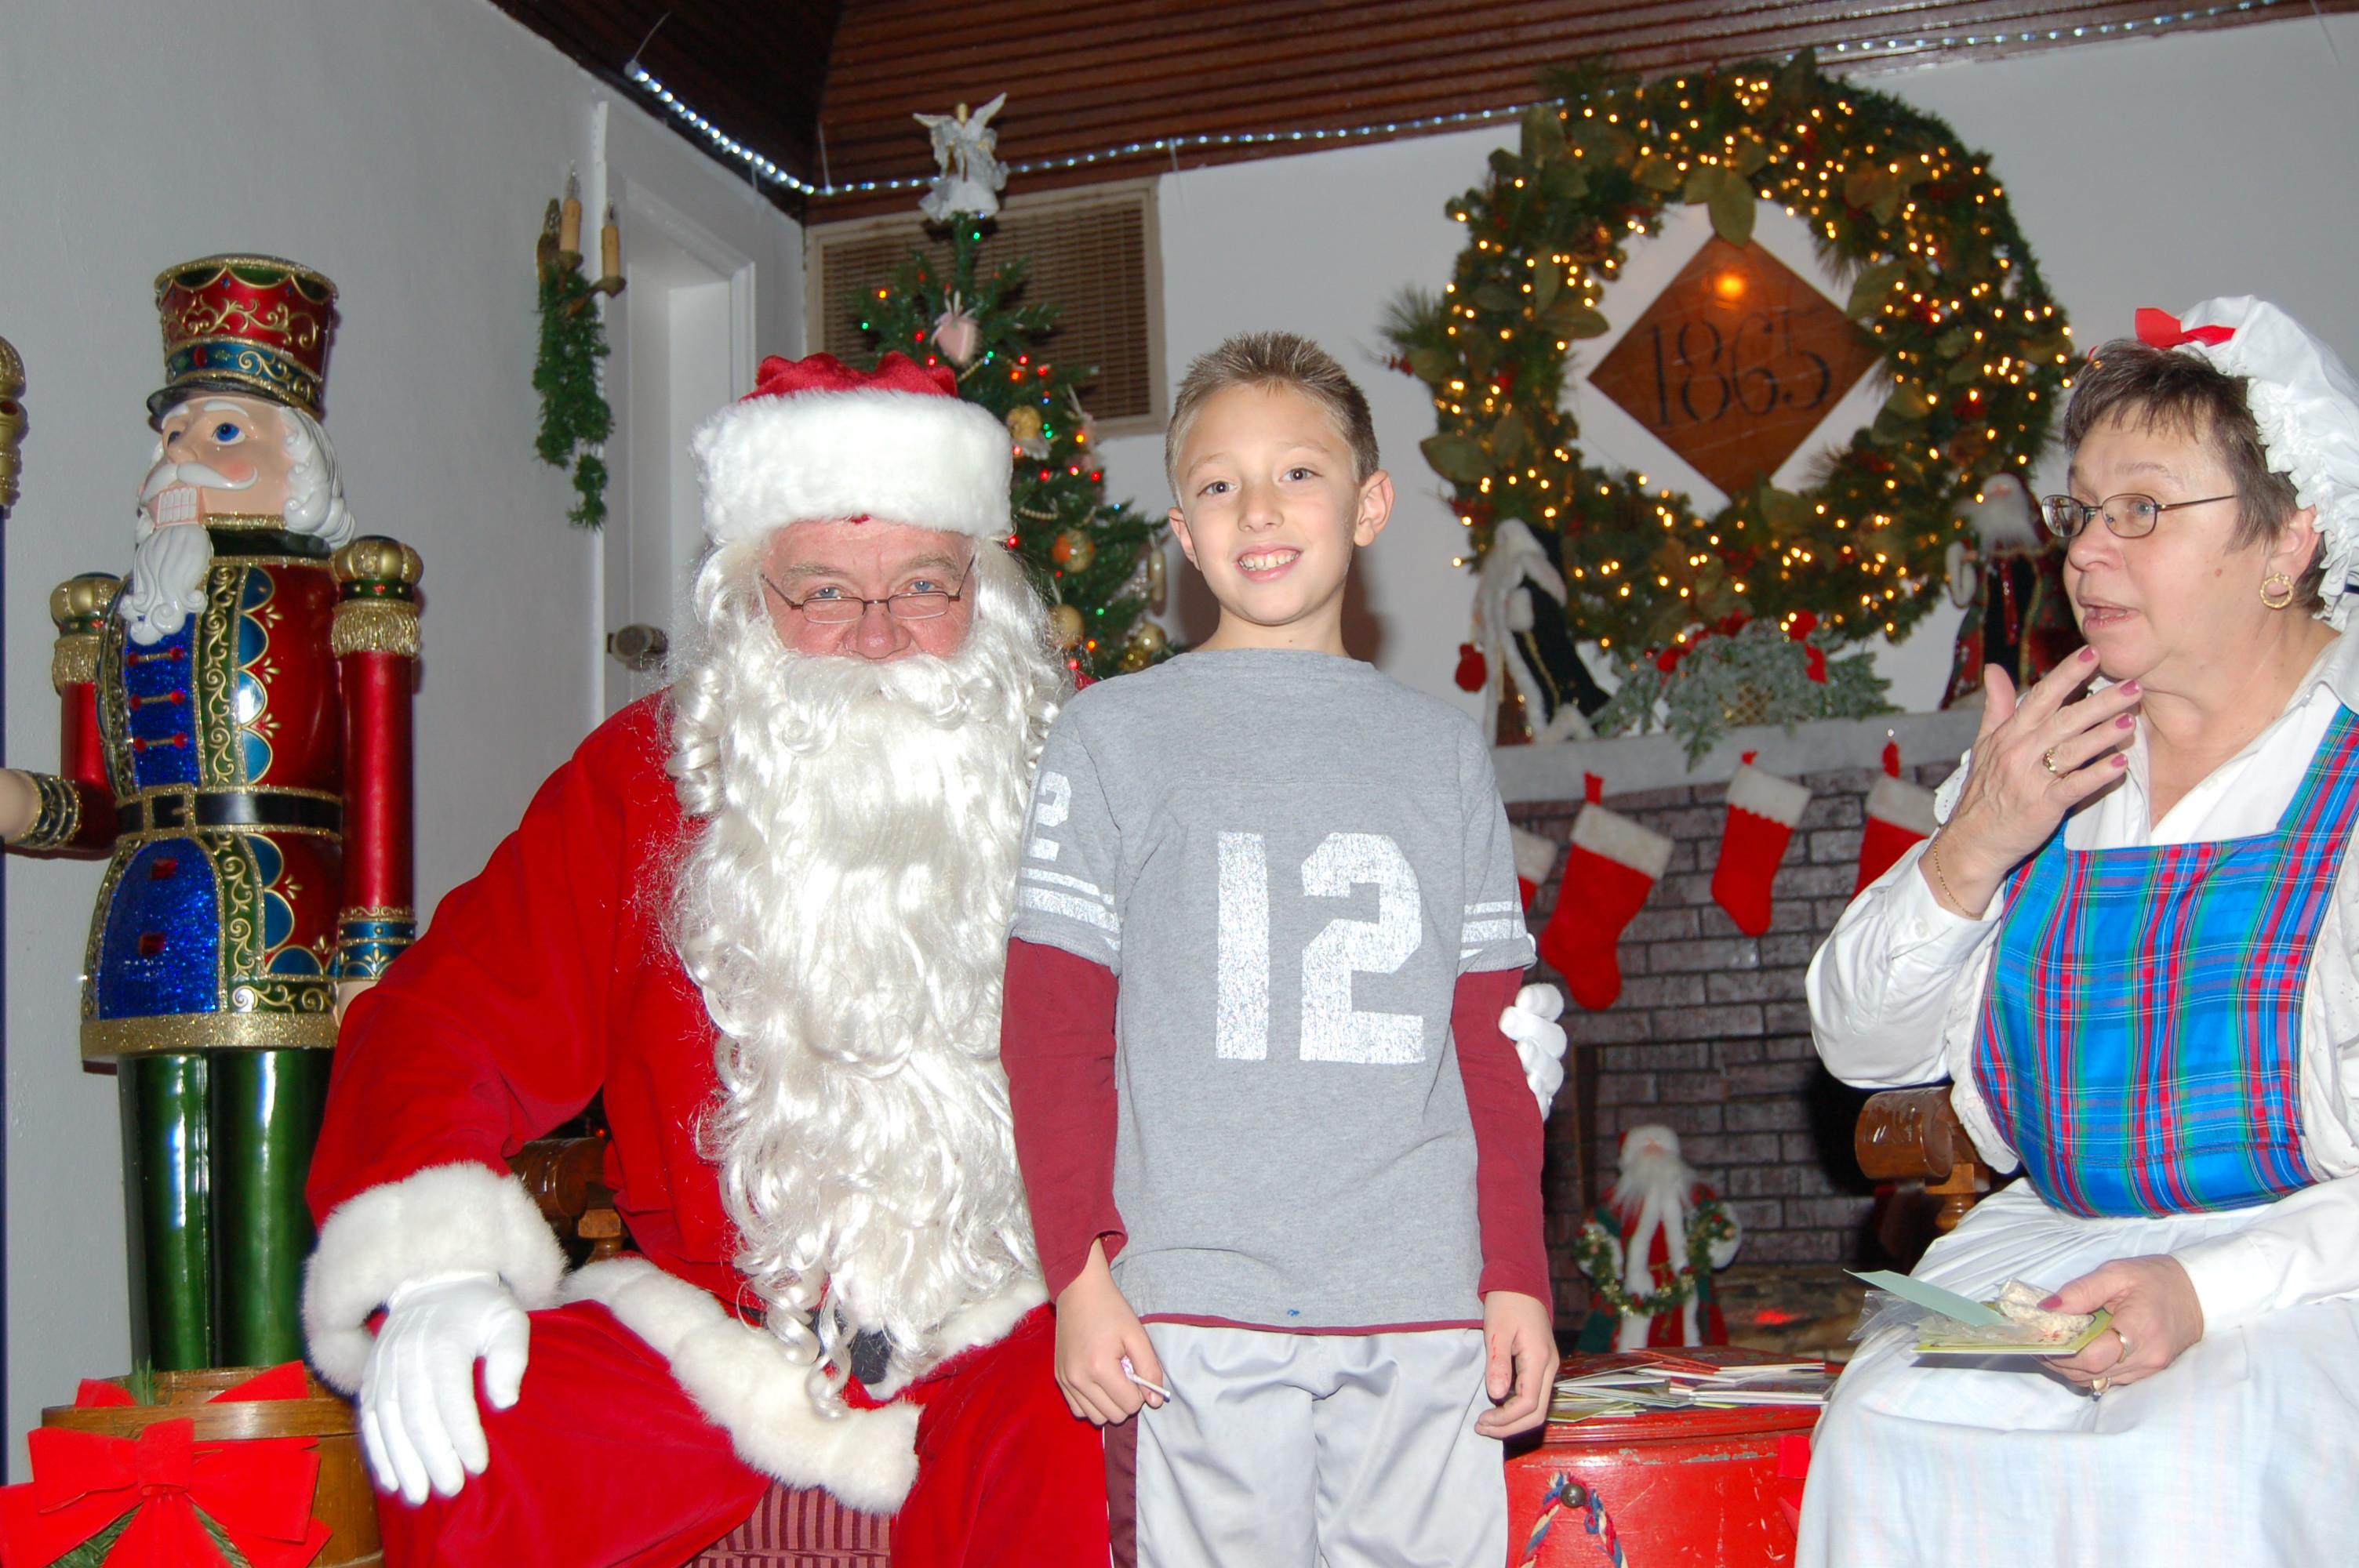 LolliPop+Lane+12-11-2008+Picture+035.jpg